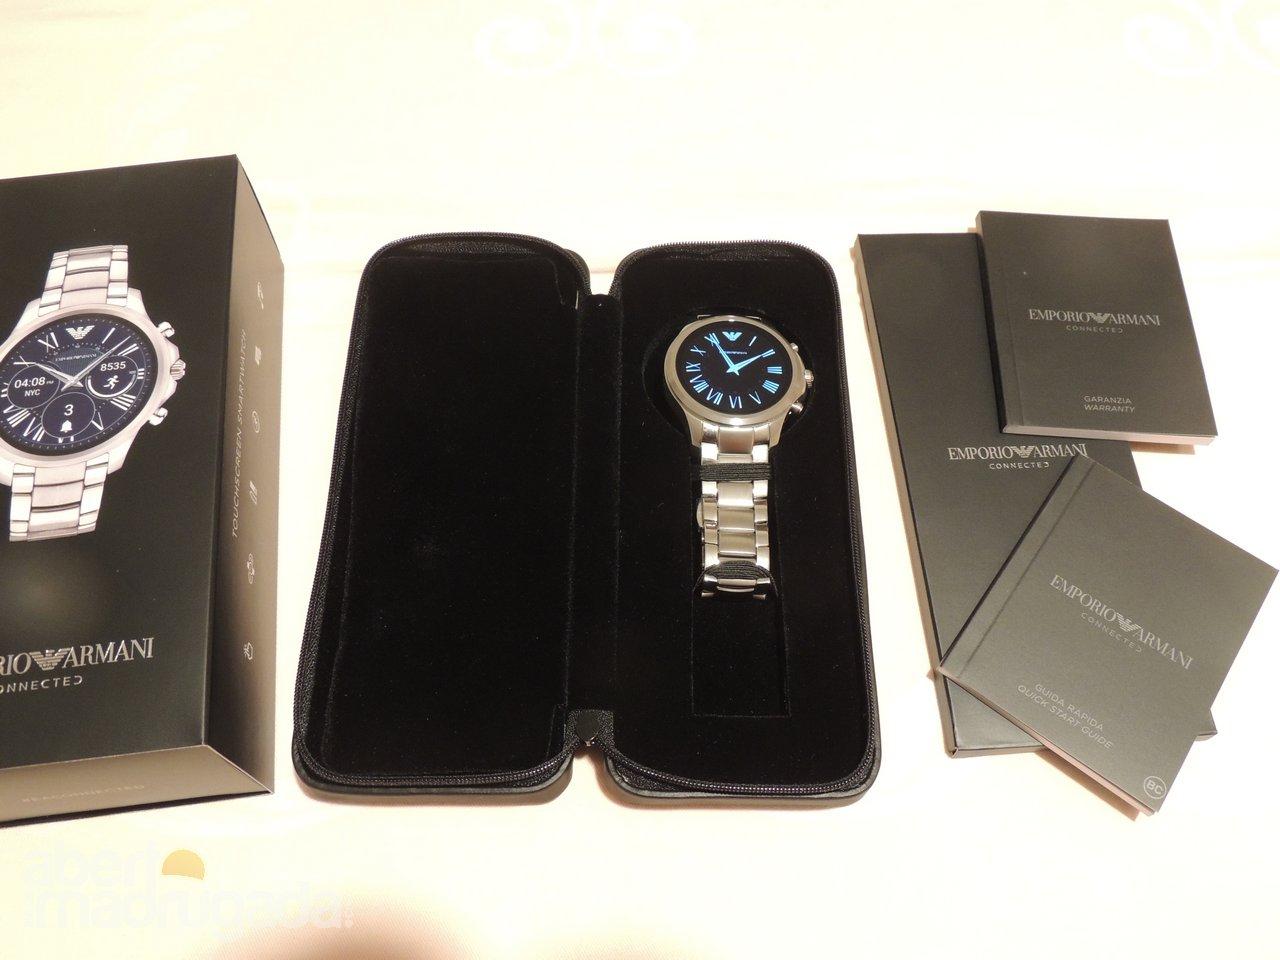 92387197a4d Análise ao Emporio Armani Connected ART5000 smartwatch